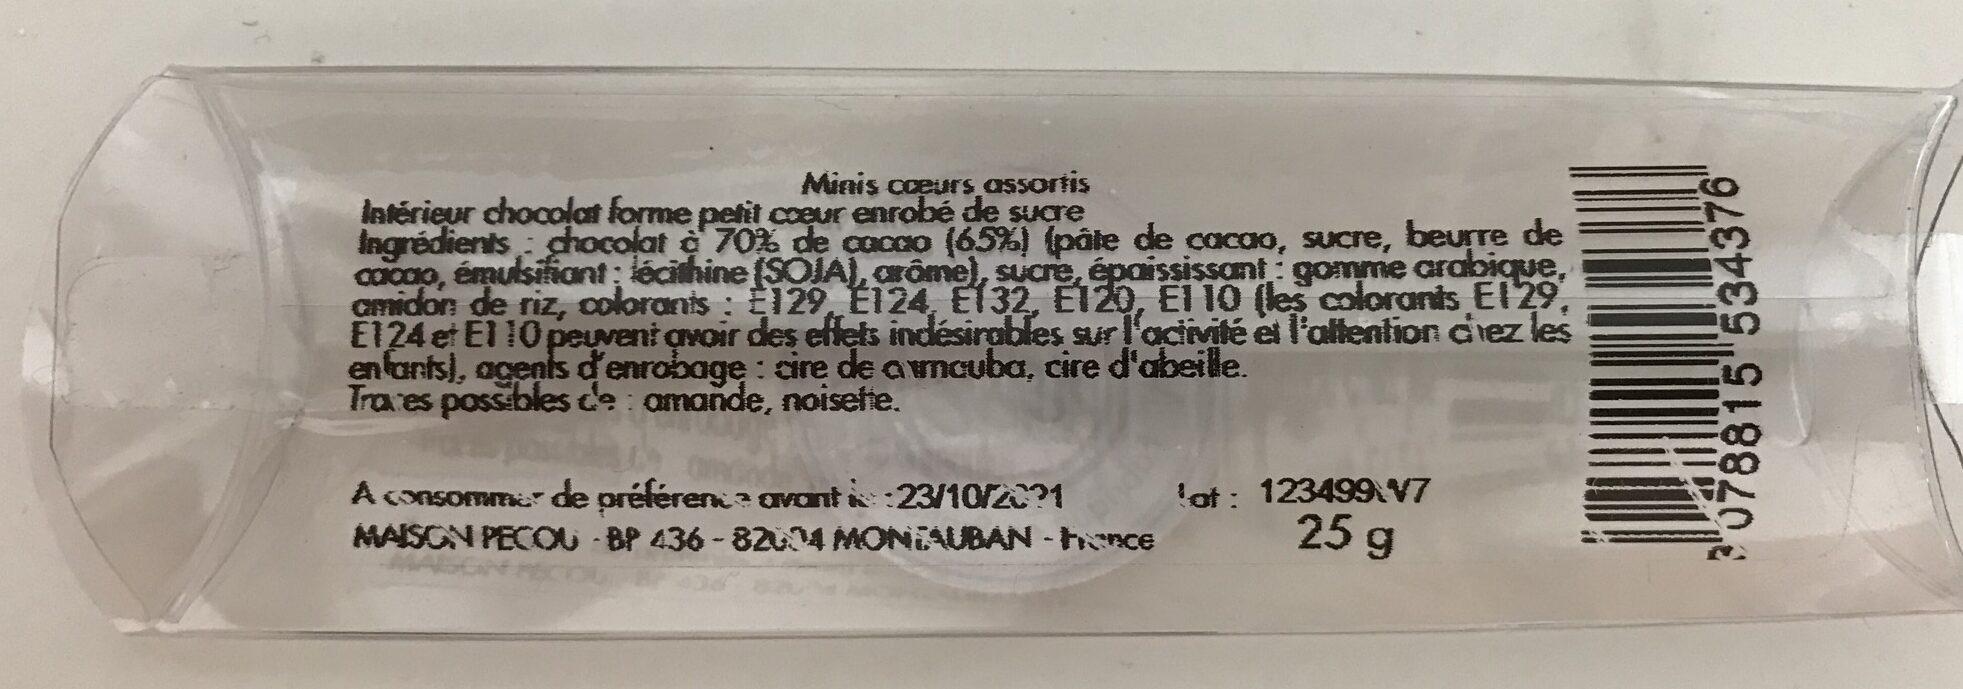 Minis cœurs assortis - Ingrediënten